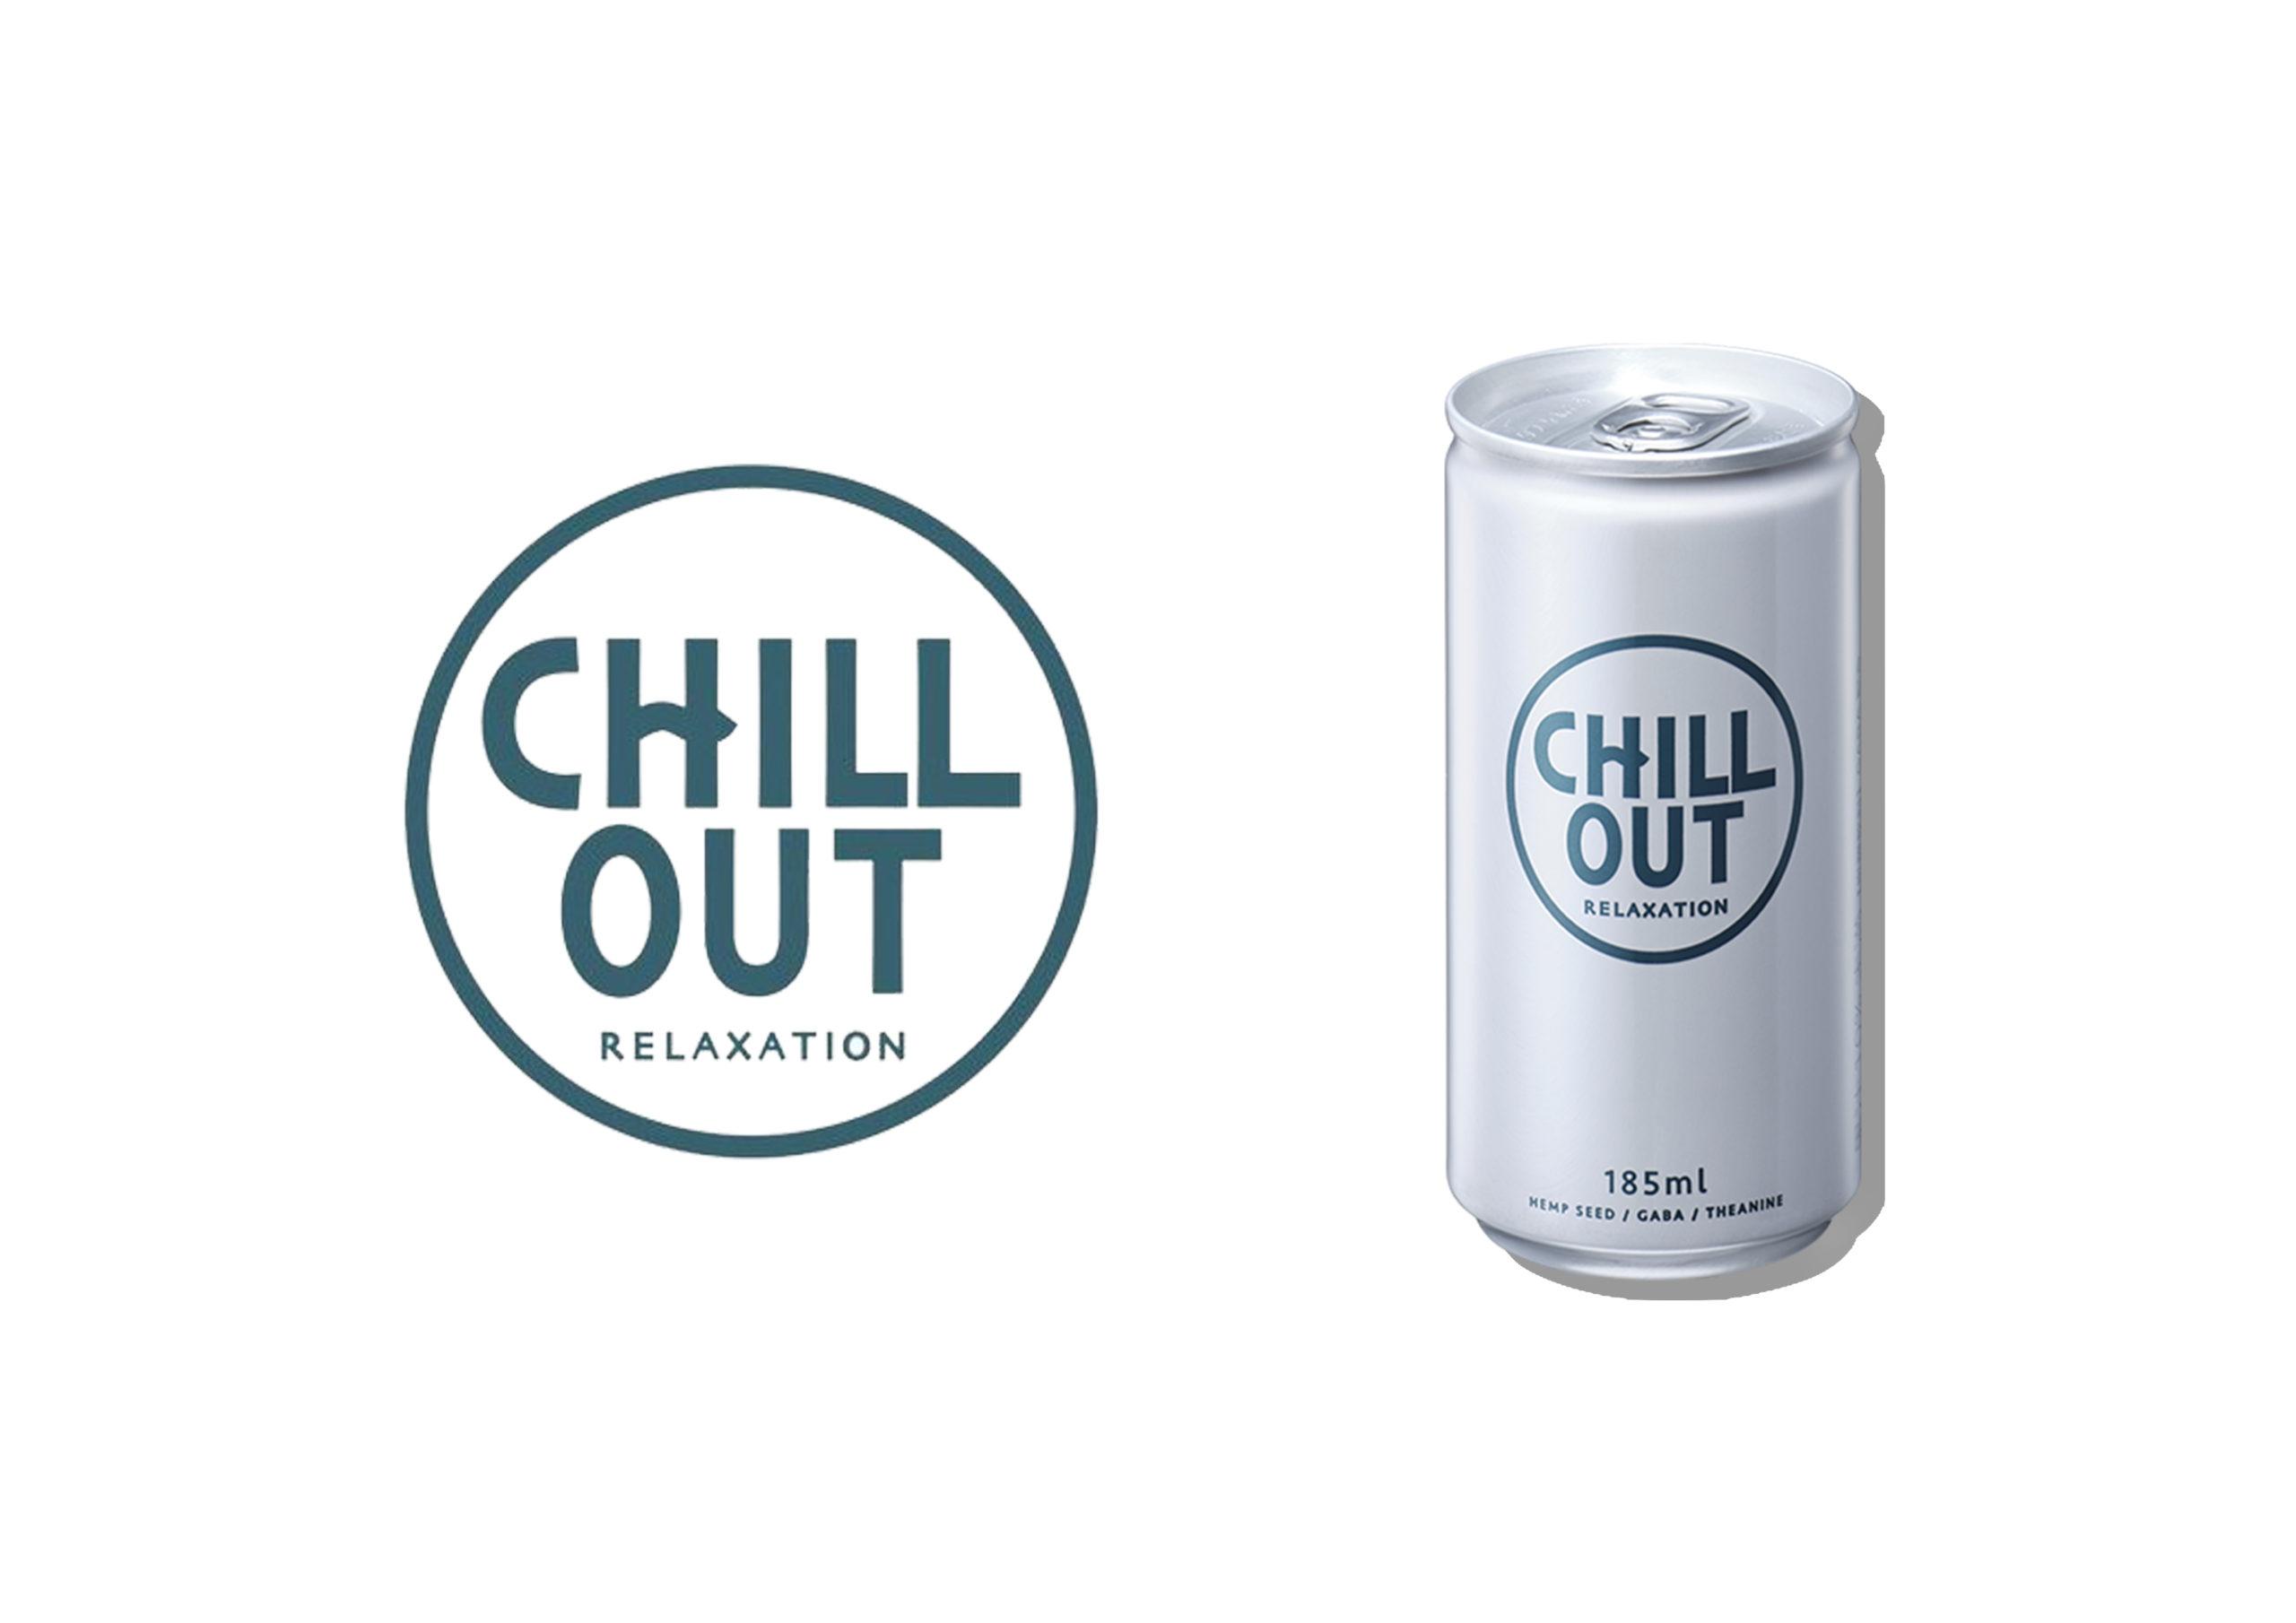 新感覚!! AIを使って開発された、リラクゼーションドリンク「CHILL OUT」